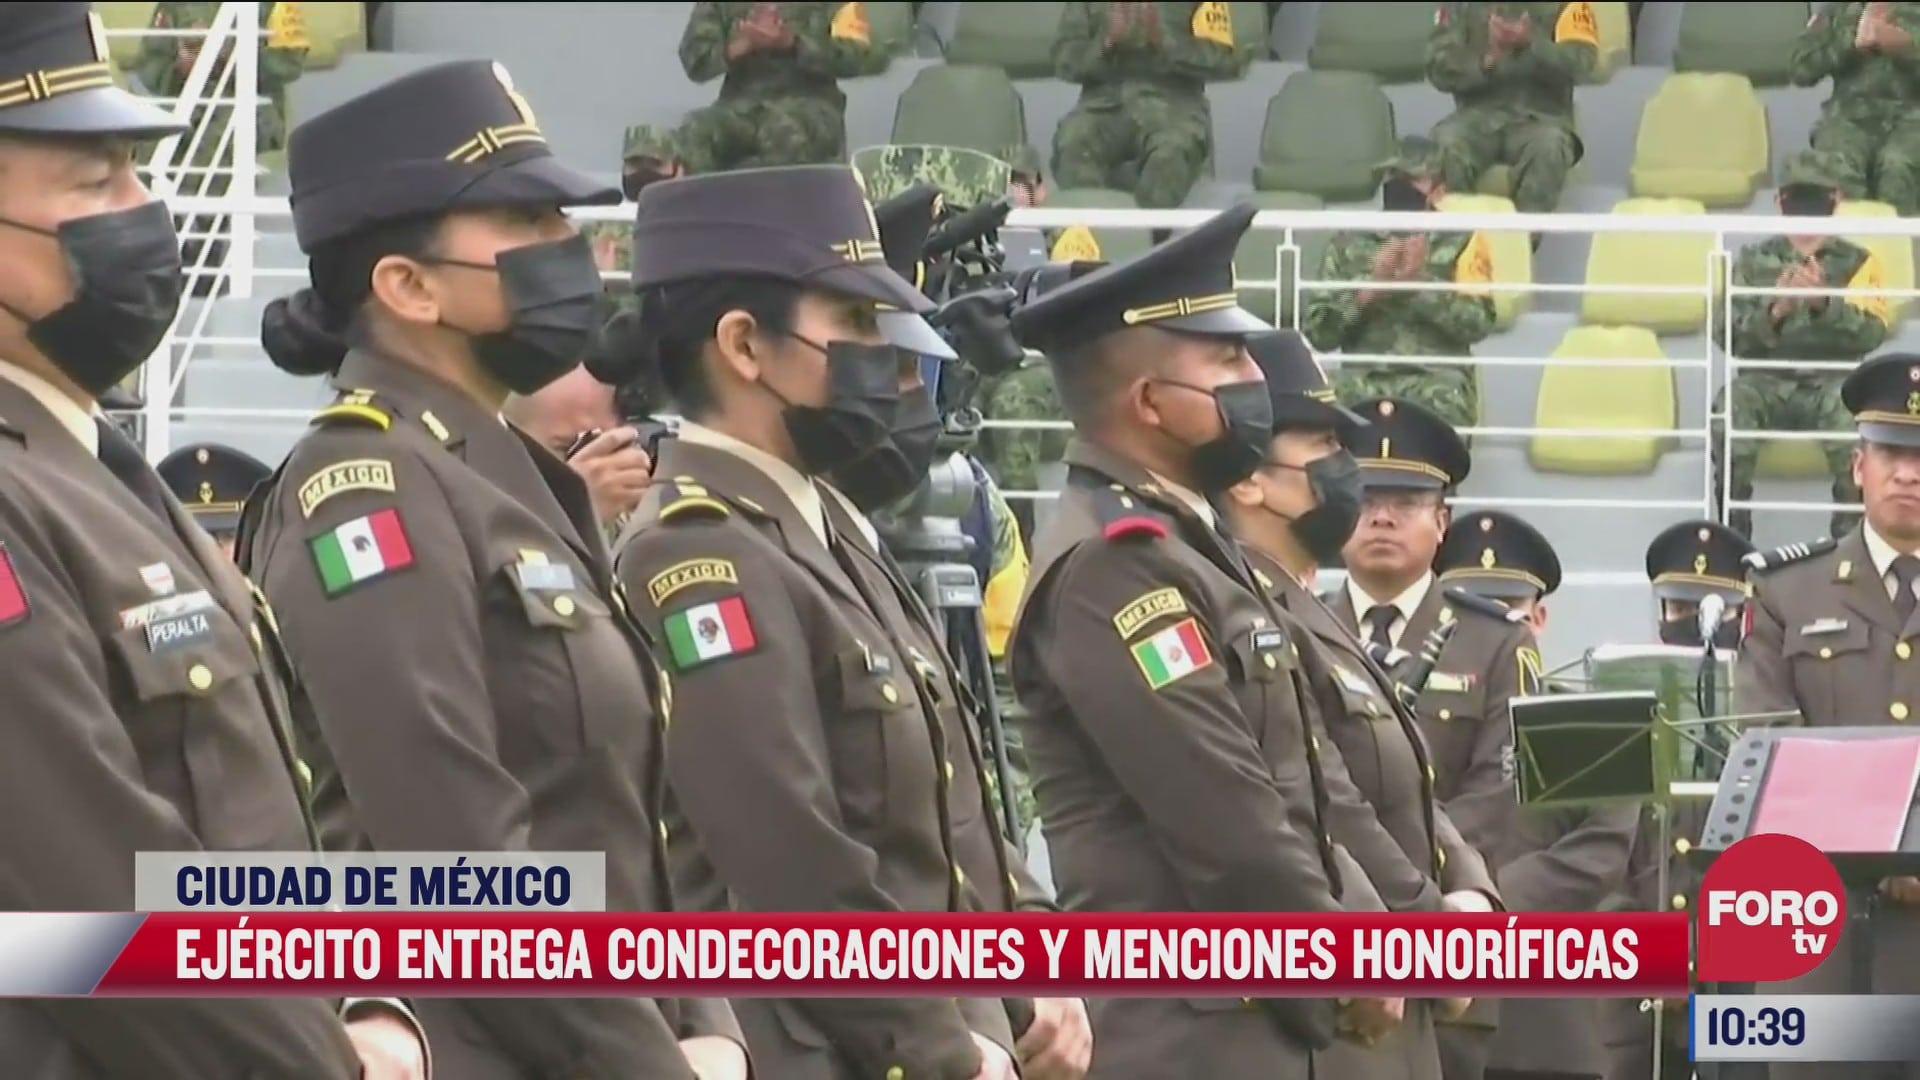 ejercito mexicano entrega condecoraciones y menciones honorificas